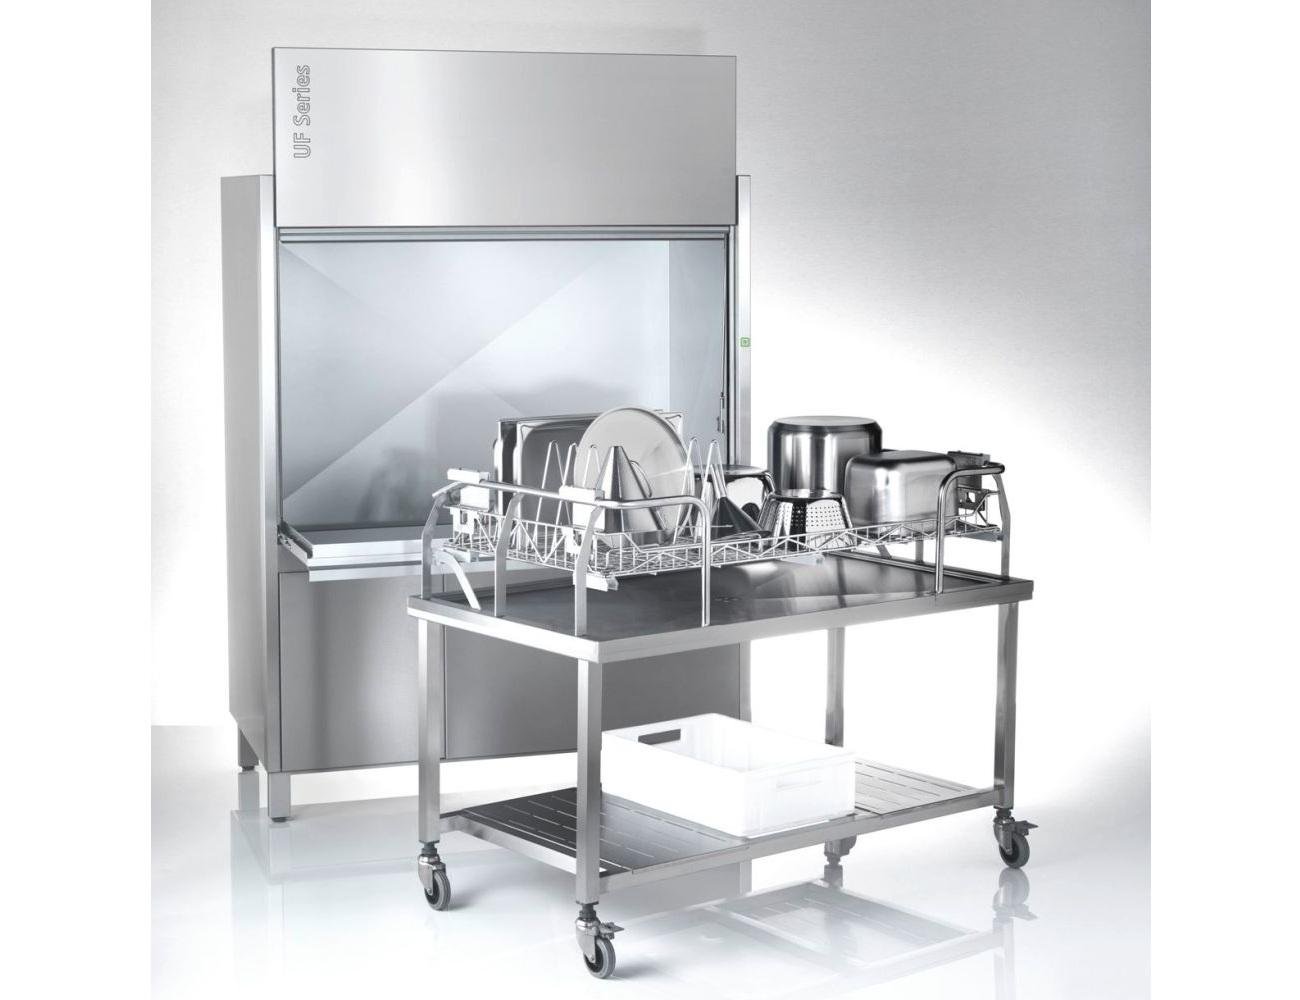 masine-za-pranje-sudova-winterhalter-9